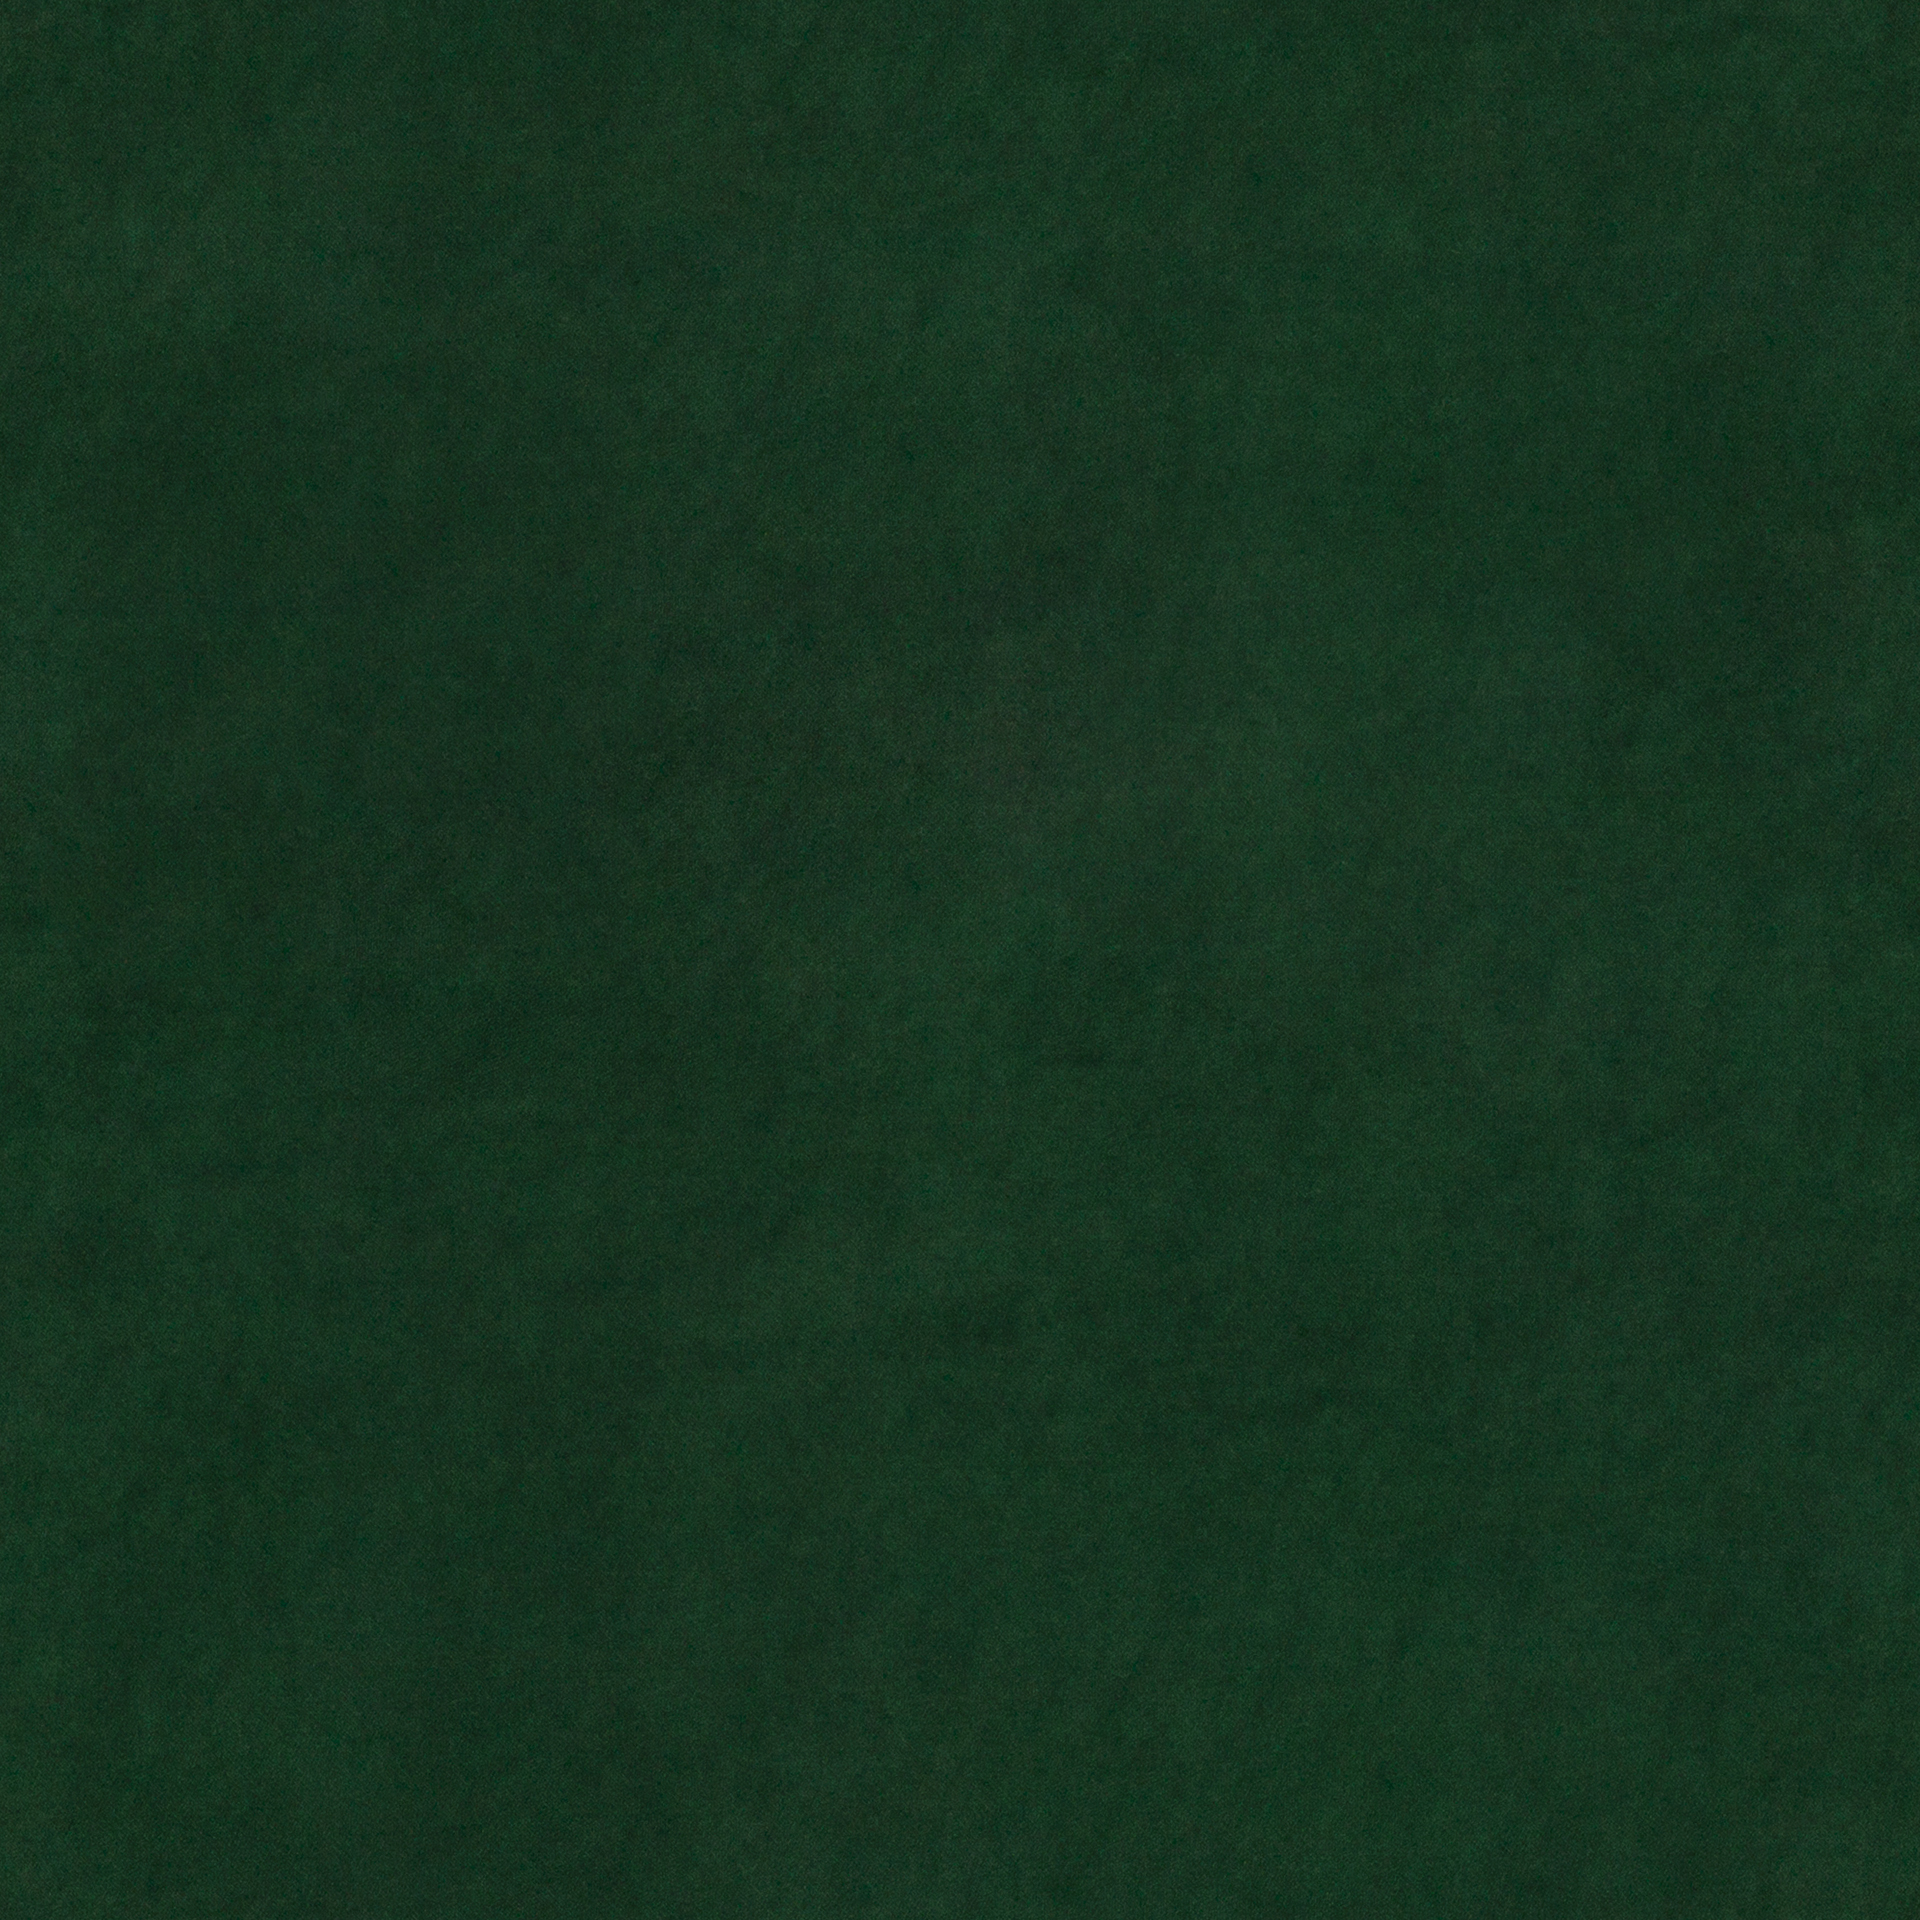 grün BELTE48 (QUICK CLEAN)